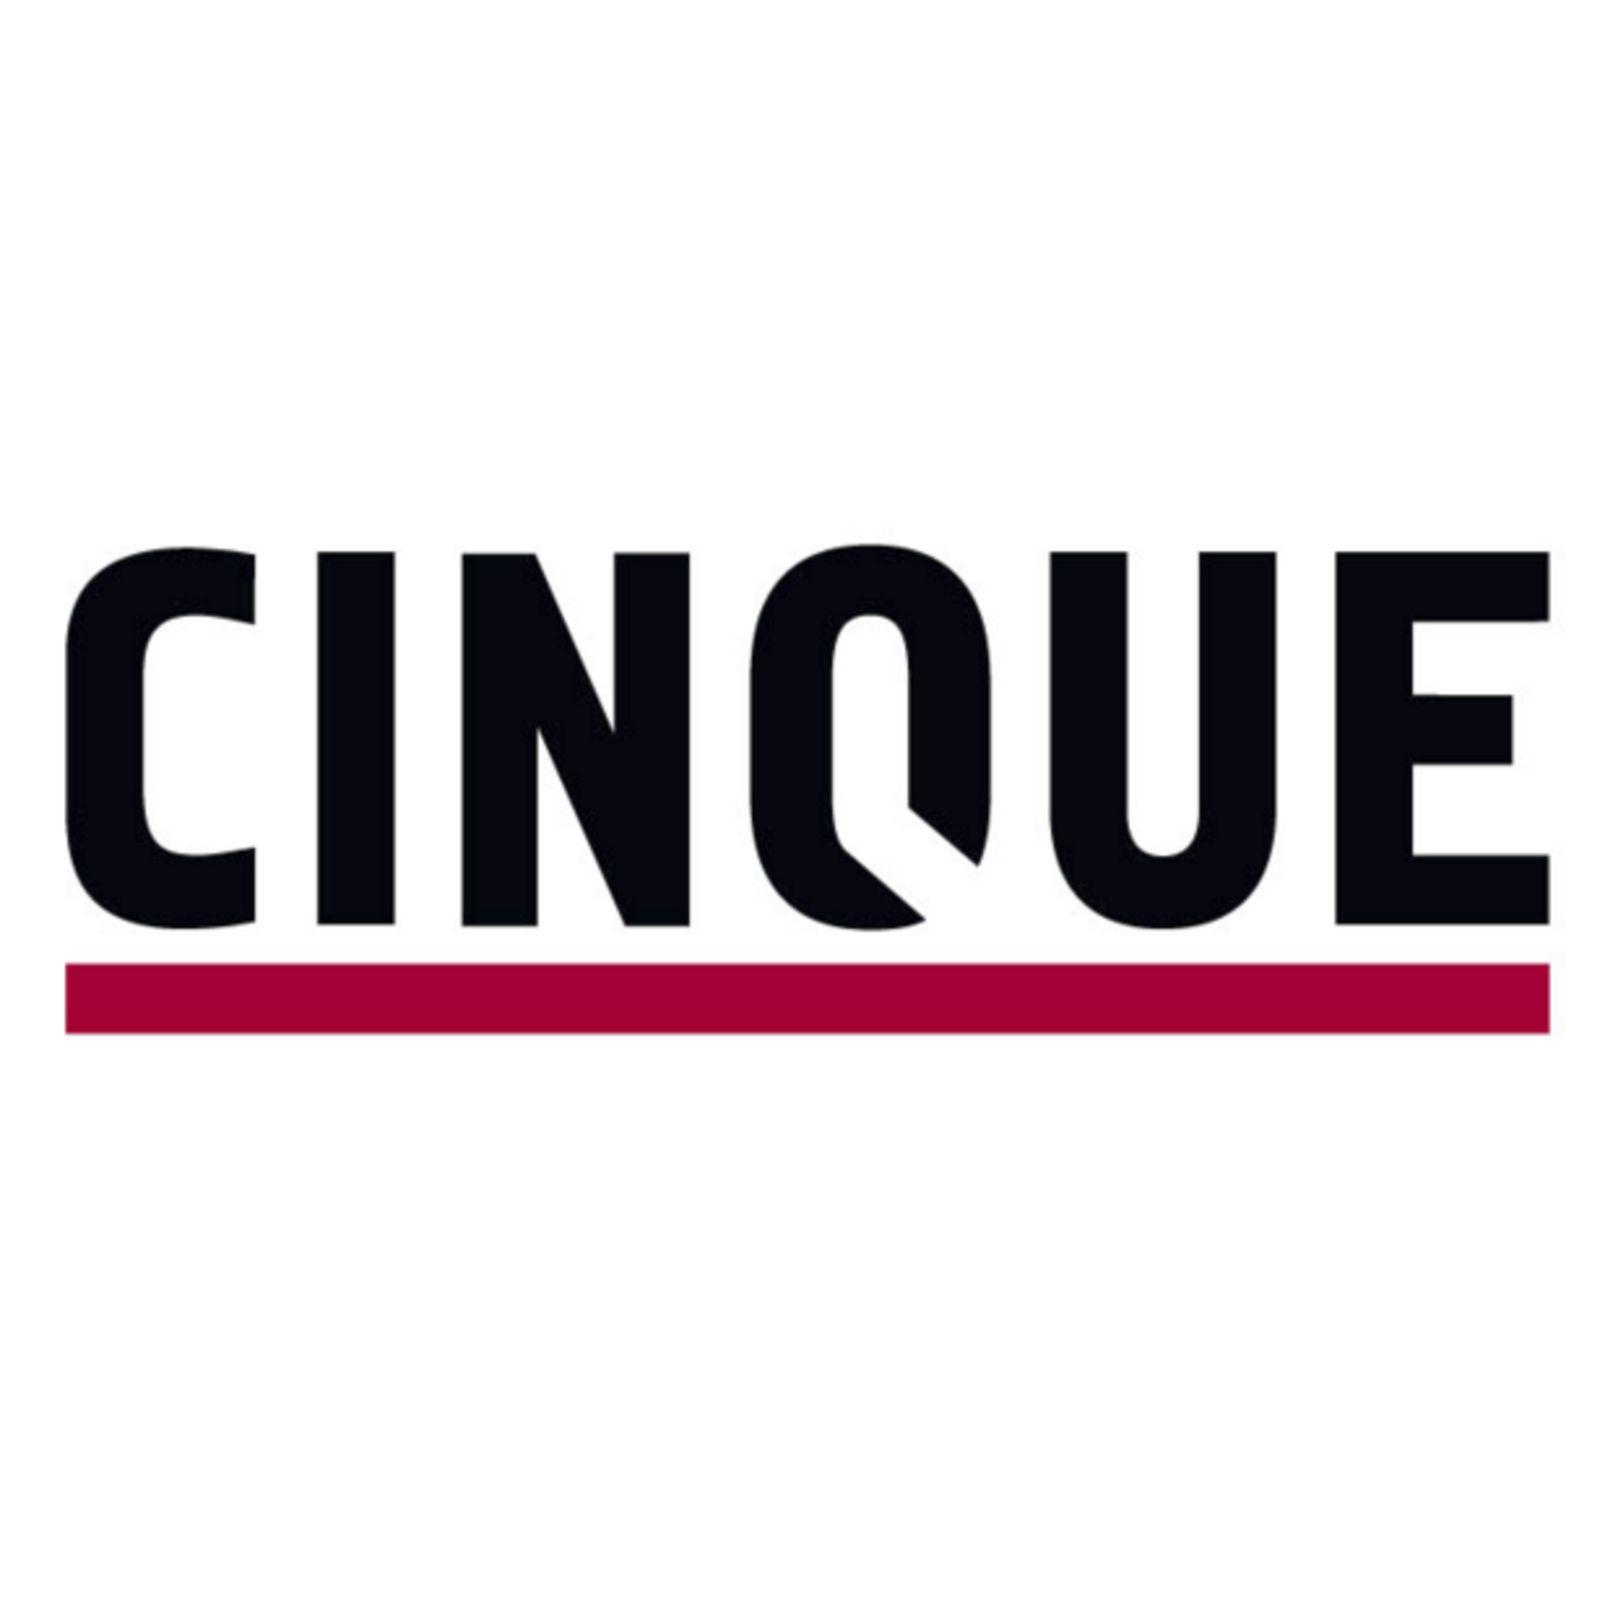 CINQUE (Bild 1)